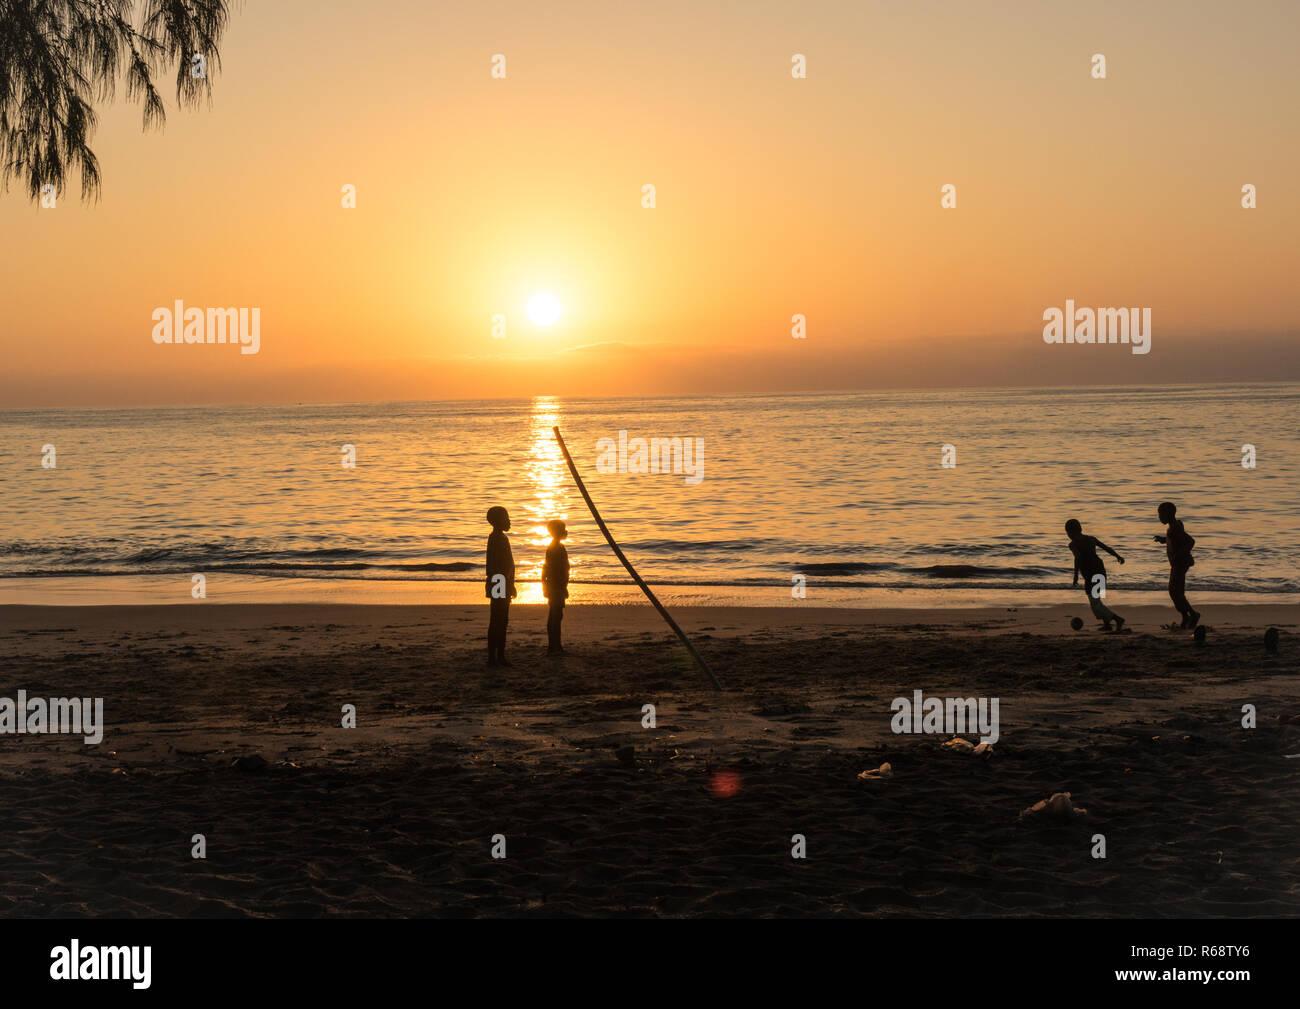 Sunset on the beach, Benguela Province, Benguela, Angola - Stock Image